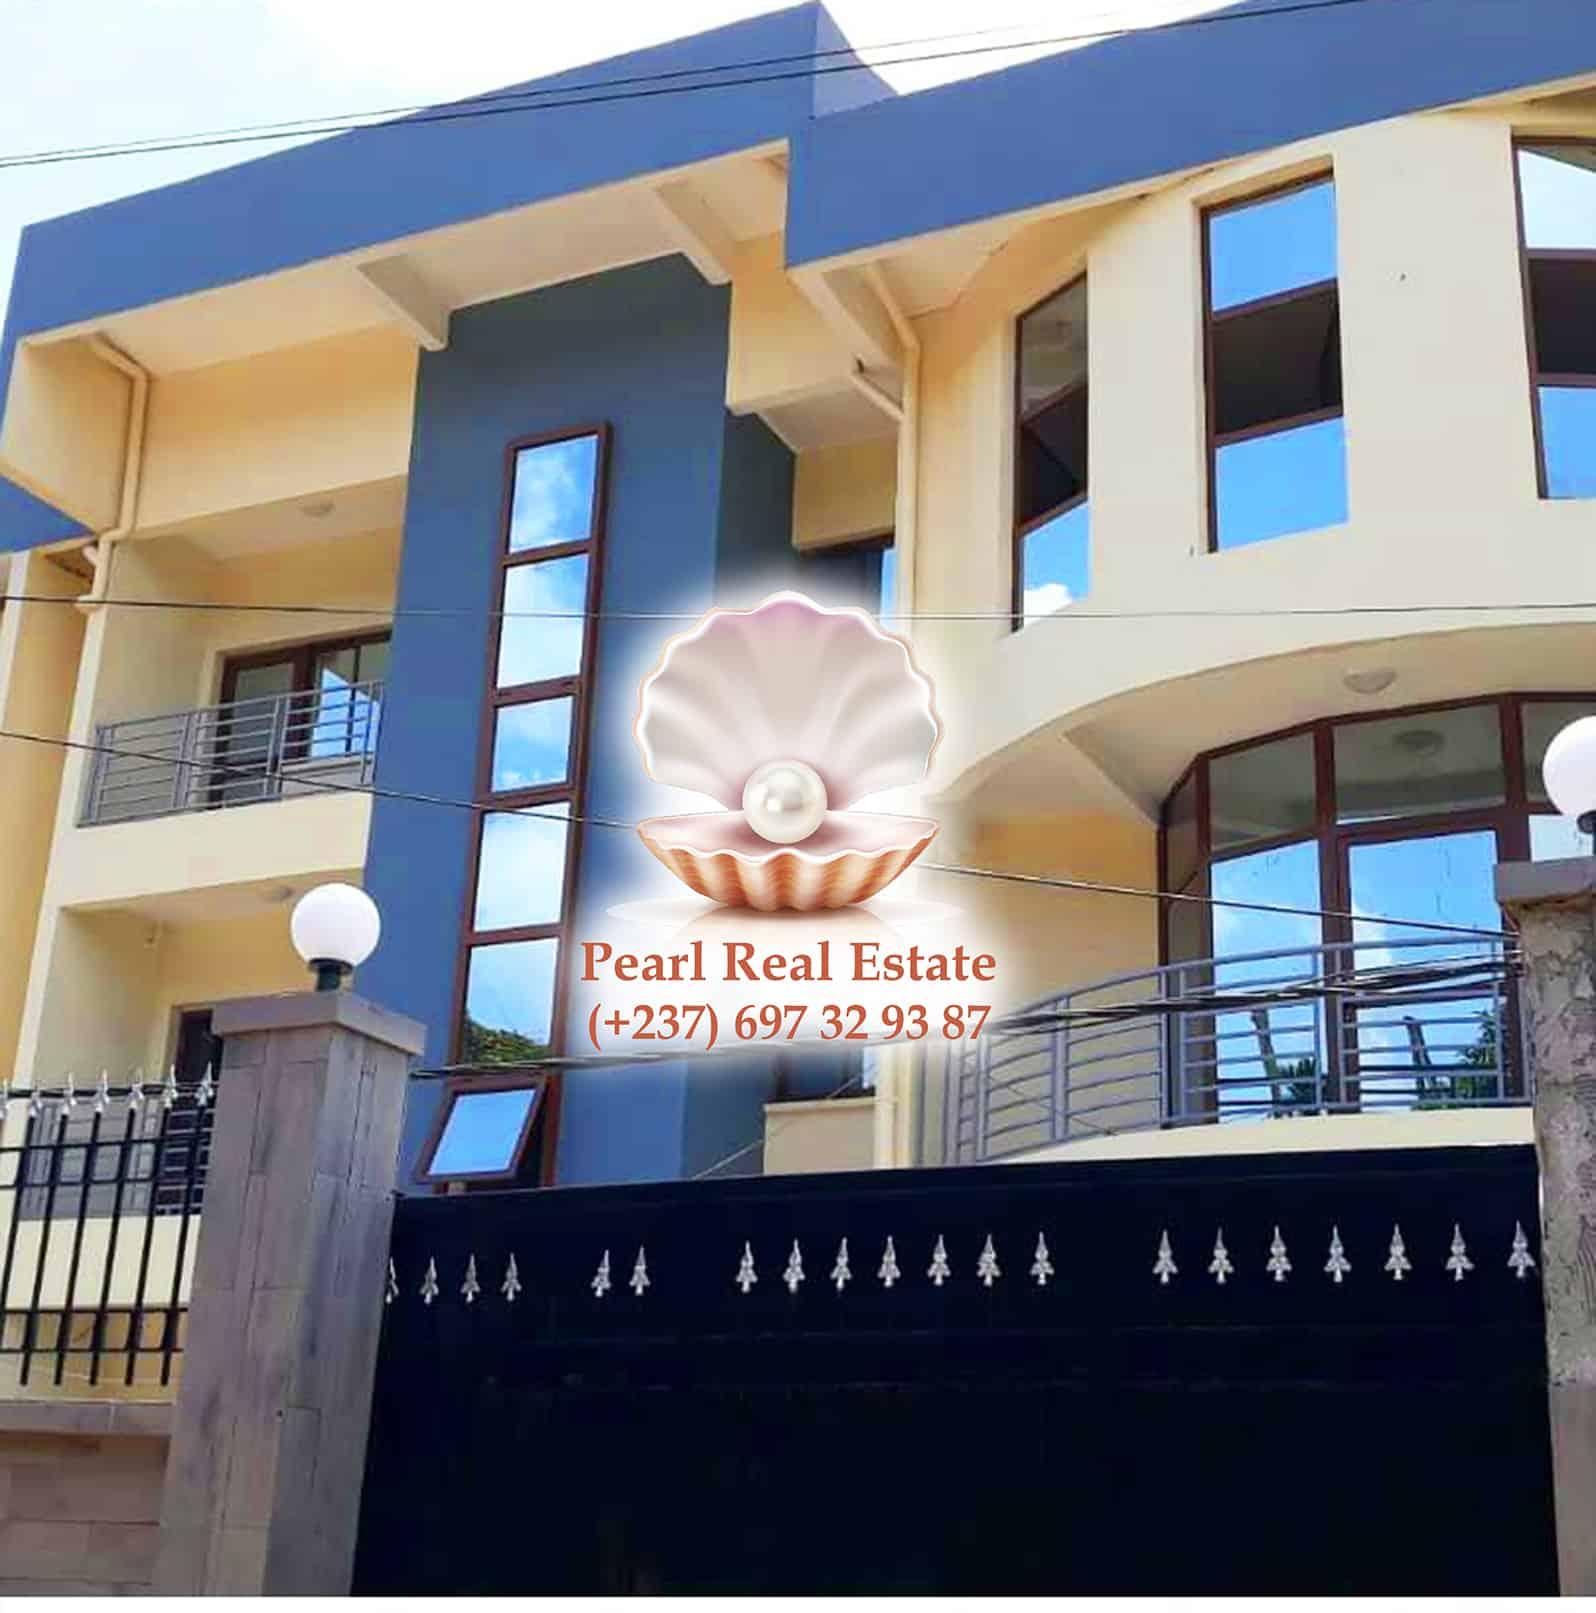 Apartment to rent - Yaoundé, Bastos, Quartier du Golf - 1 living room(s), 3 bedroom(s), 2 bathroom(s) - 2 000 000 FCFA / month